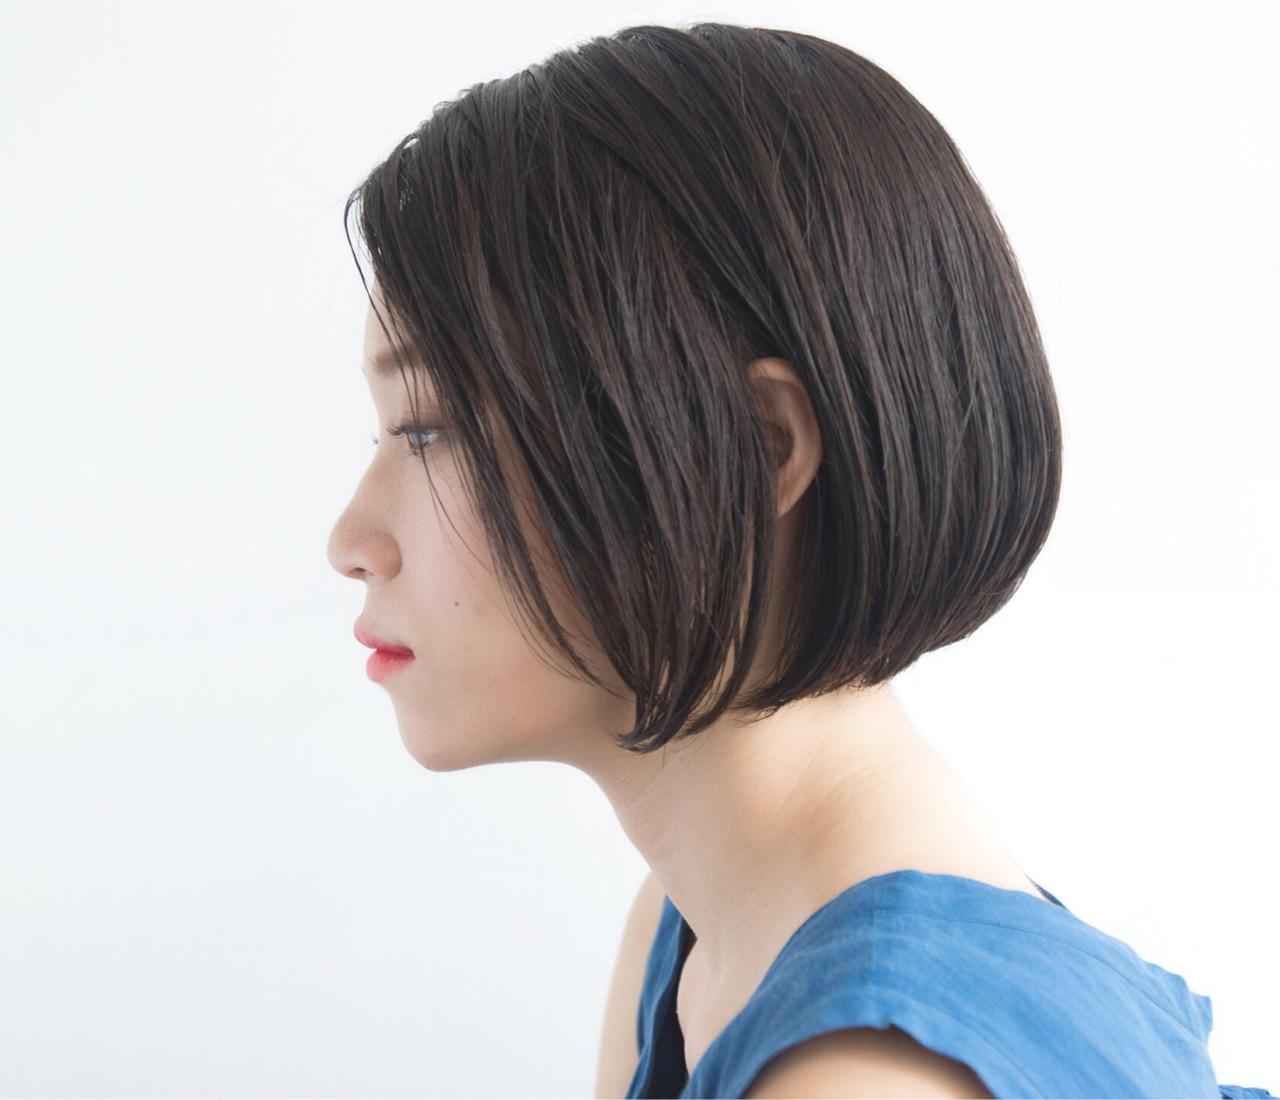 ナチュラル ボブ ピュア ストレート ヘアスタイルや髪型の写真・画像